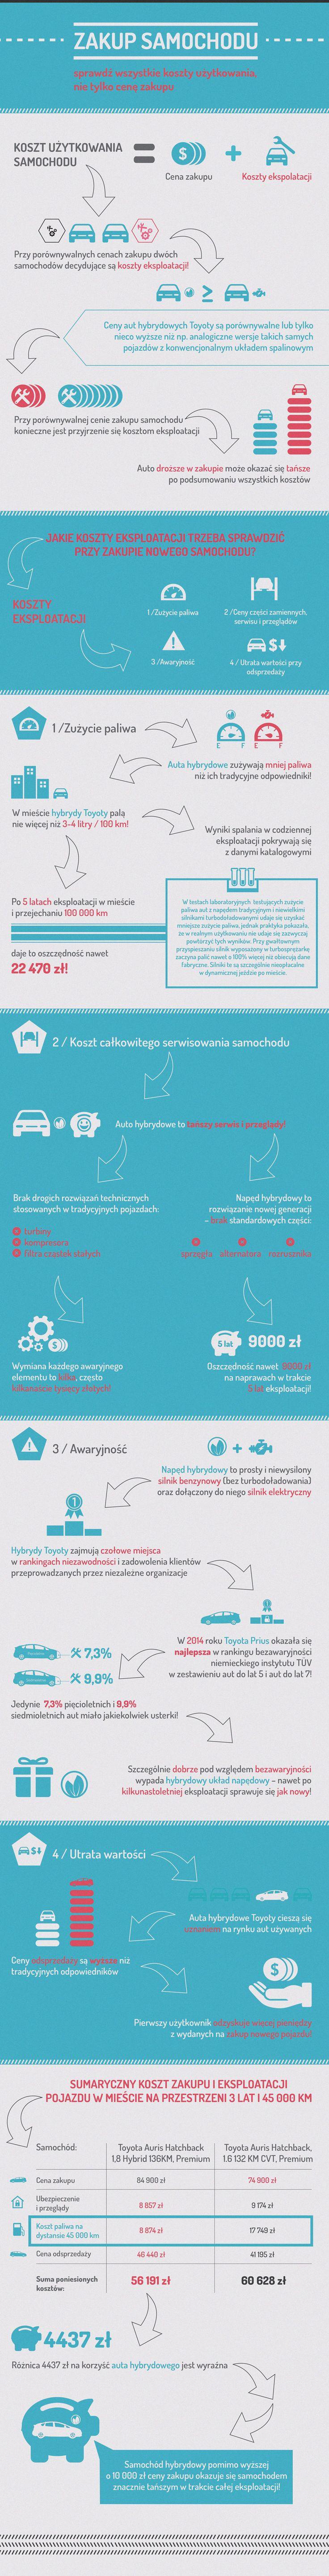 Koszty użytkowania samochodu czy cena? Czym sugerować się przy zakupie samochodu? Obejrzyj infografikę o wskazówkach, które pomogą Ci w wyborze auta.